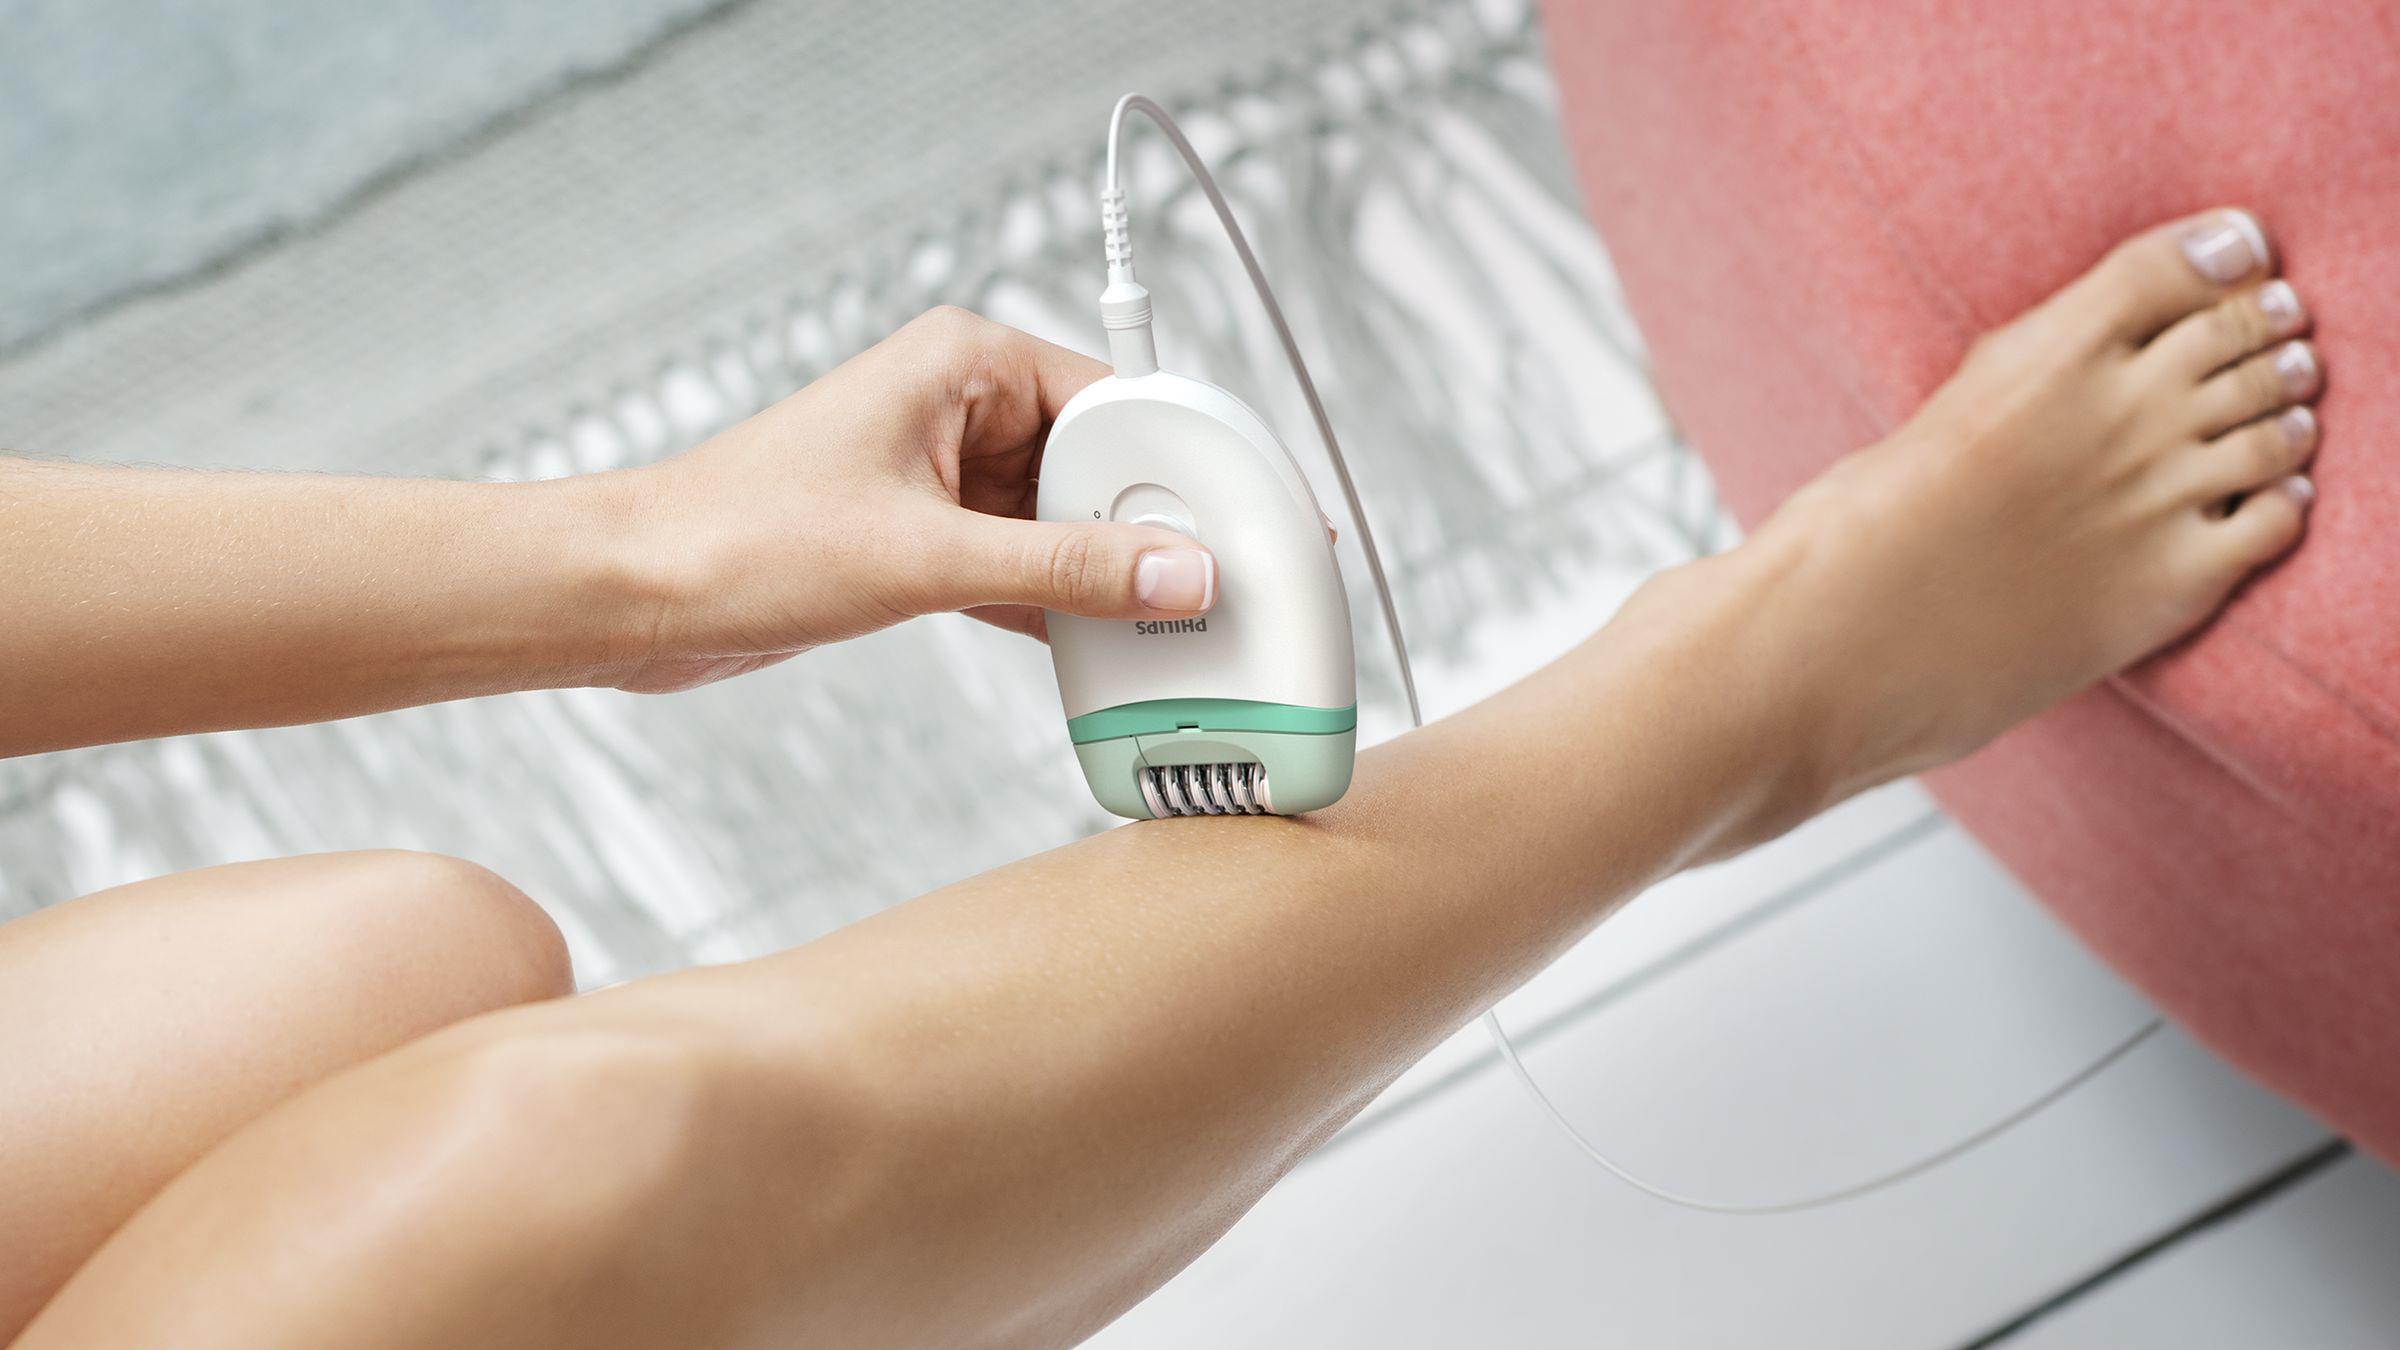 Удаление волос домашним эпилятором